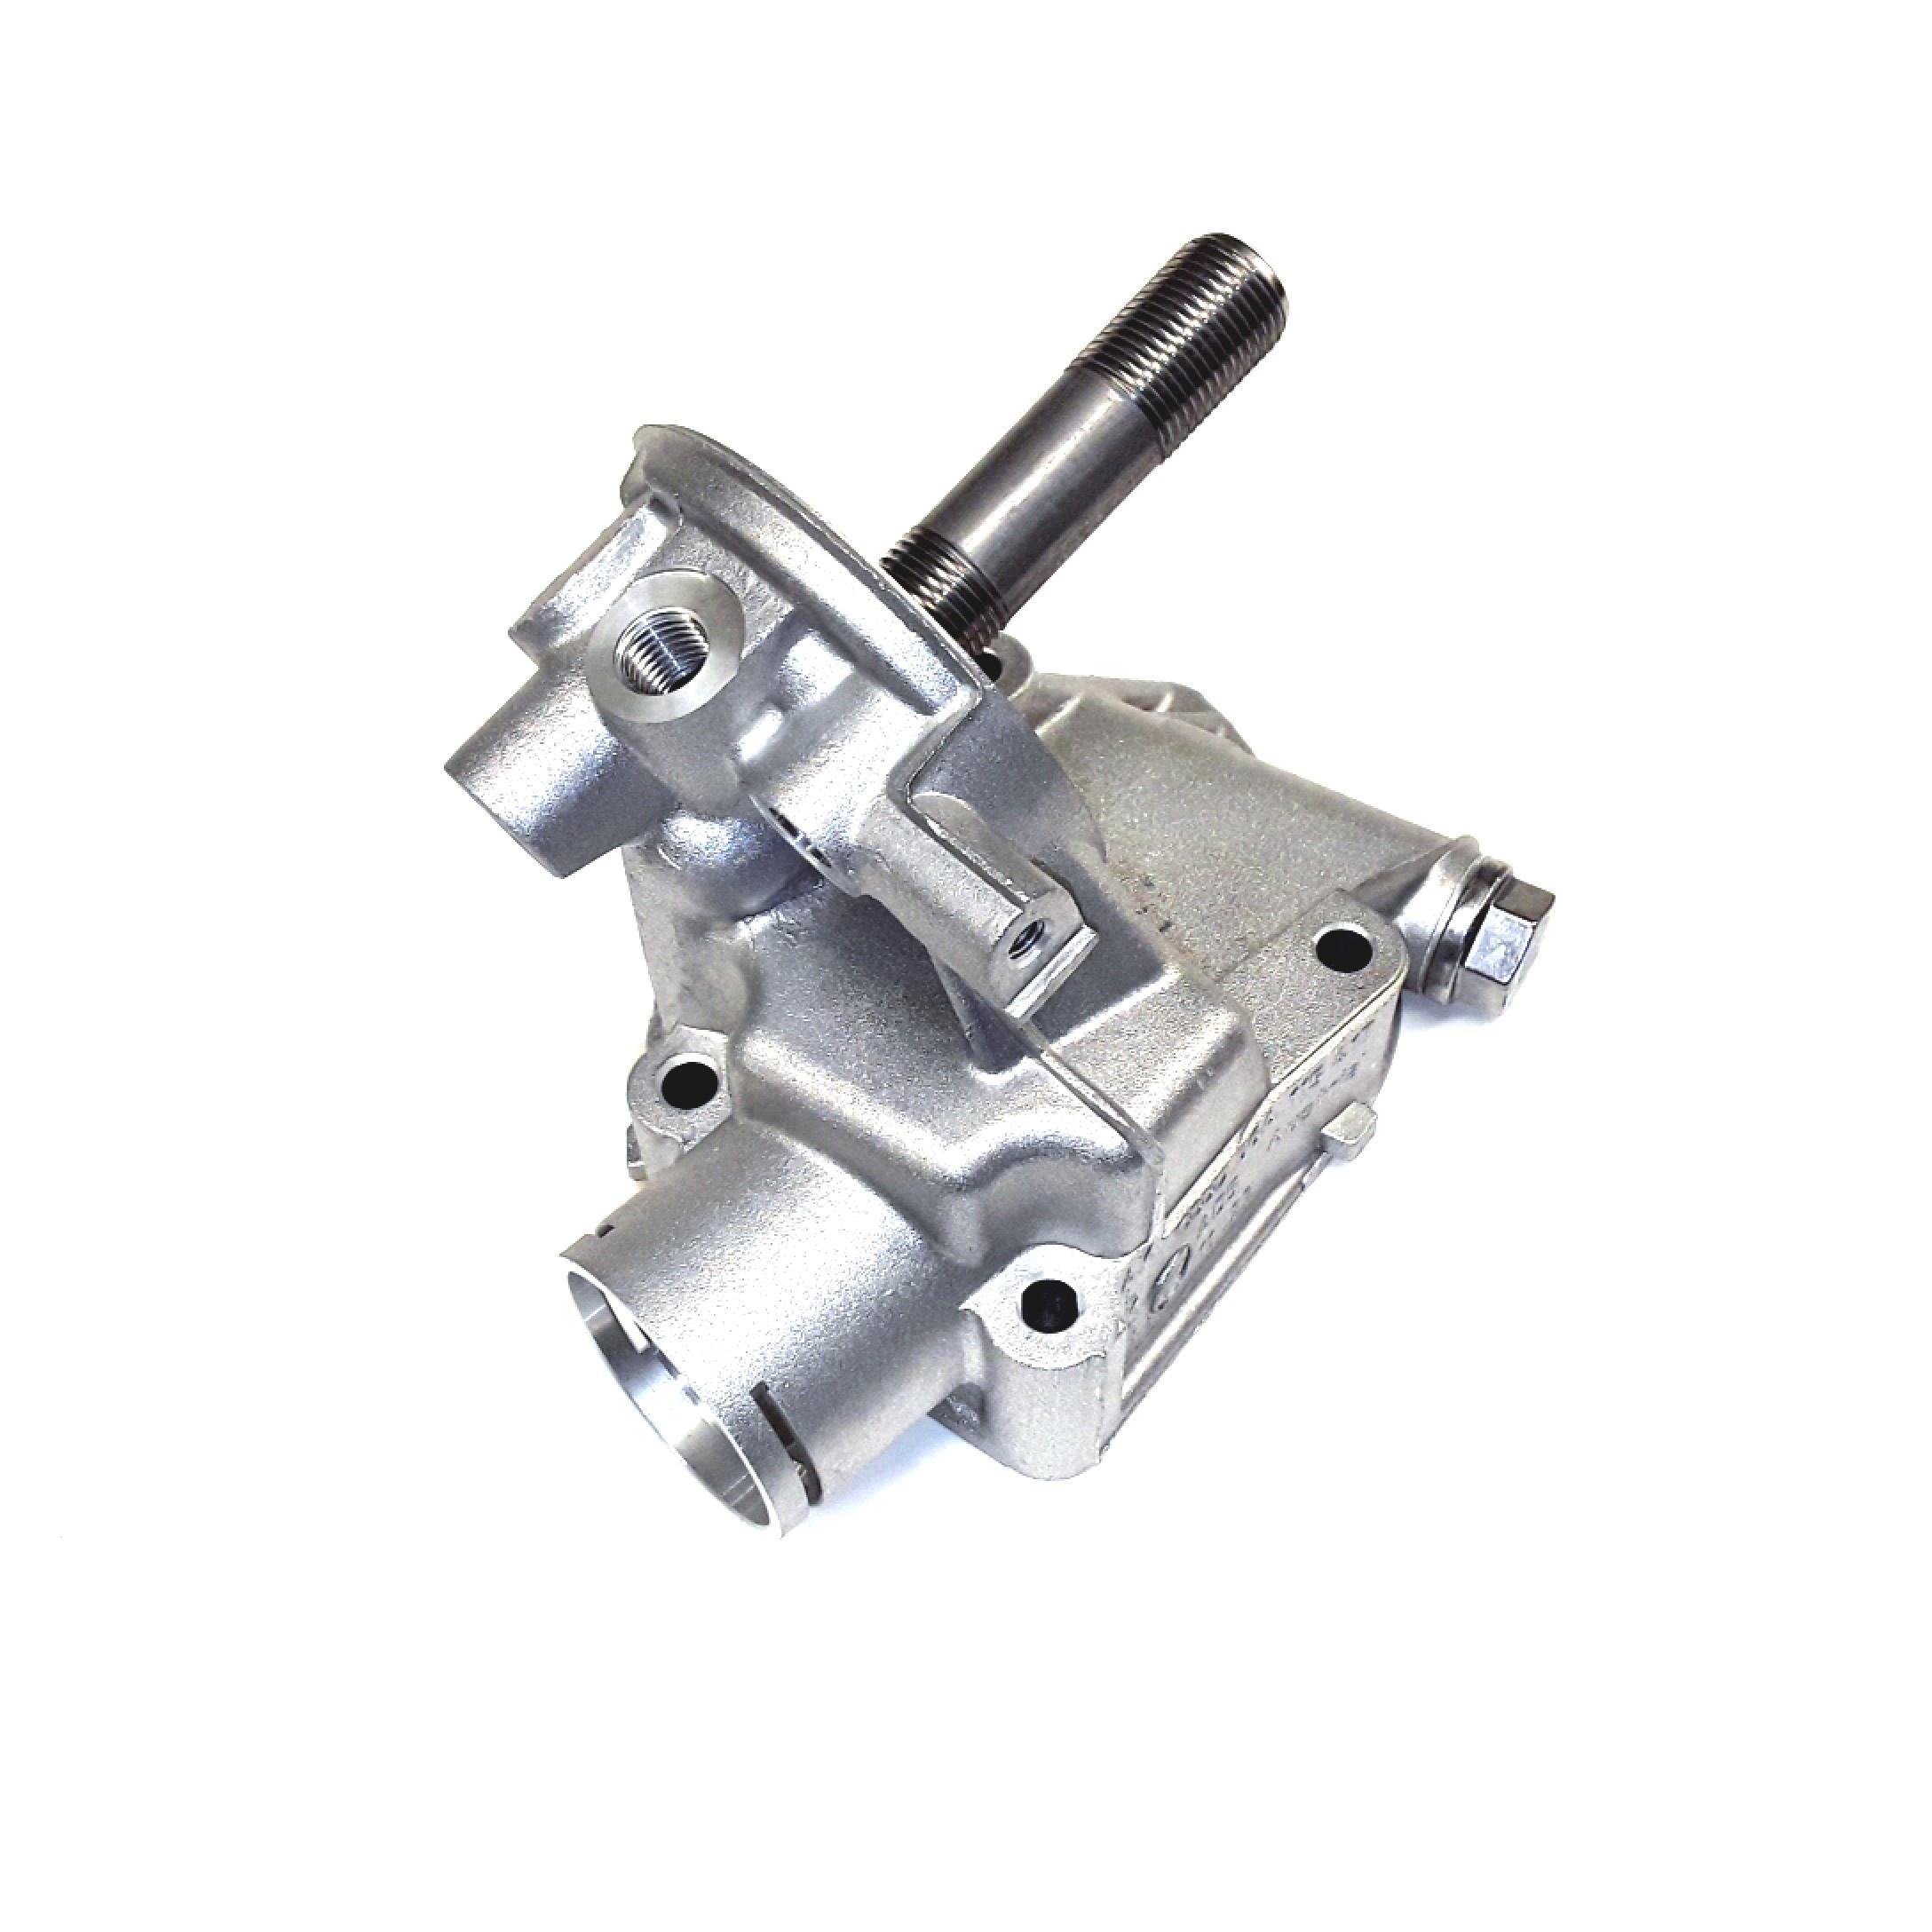 2000 Volkswagen Beetle Adapter  Engine Oil Cooler Bracket